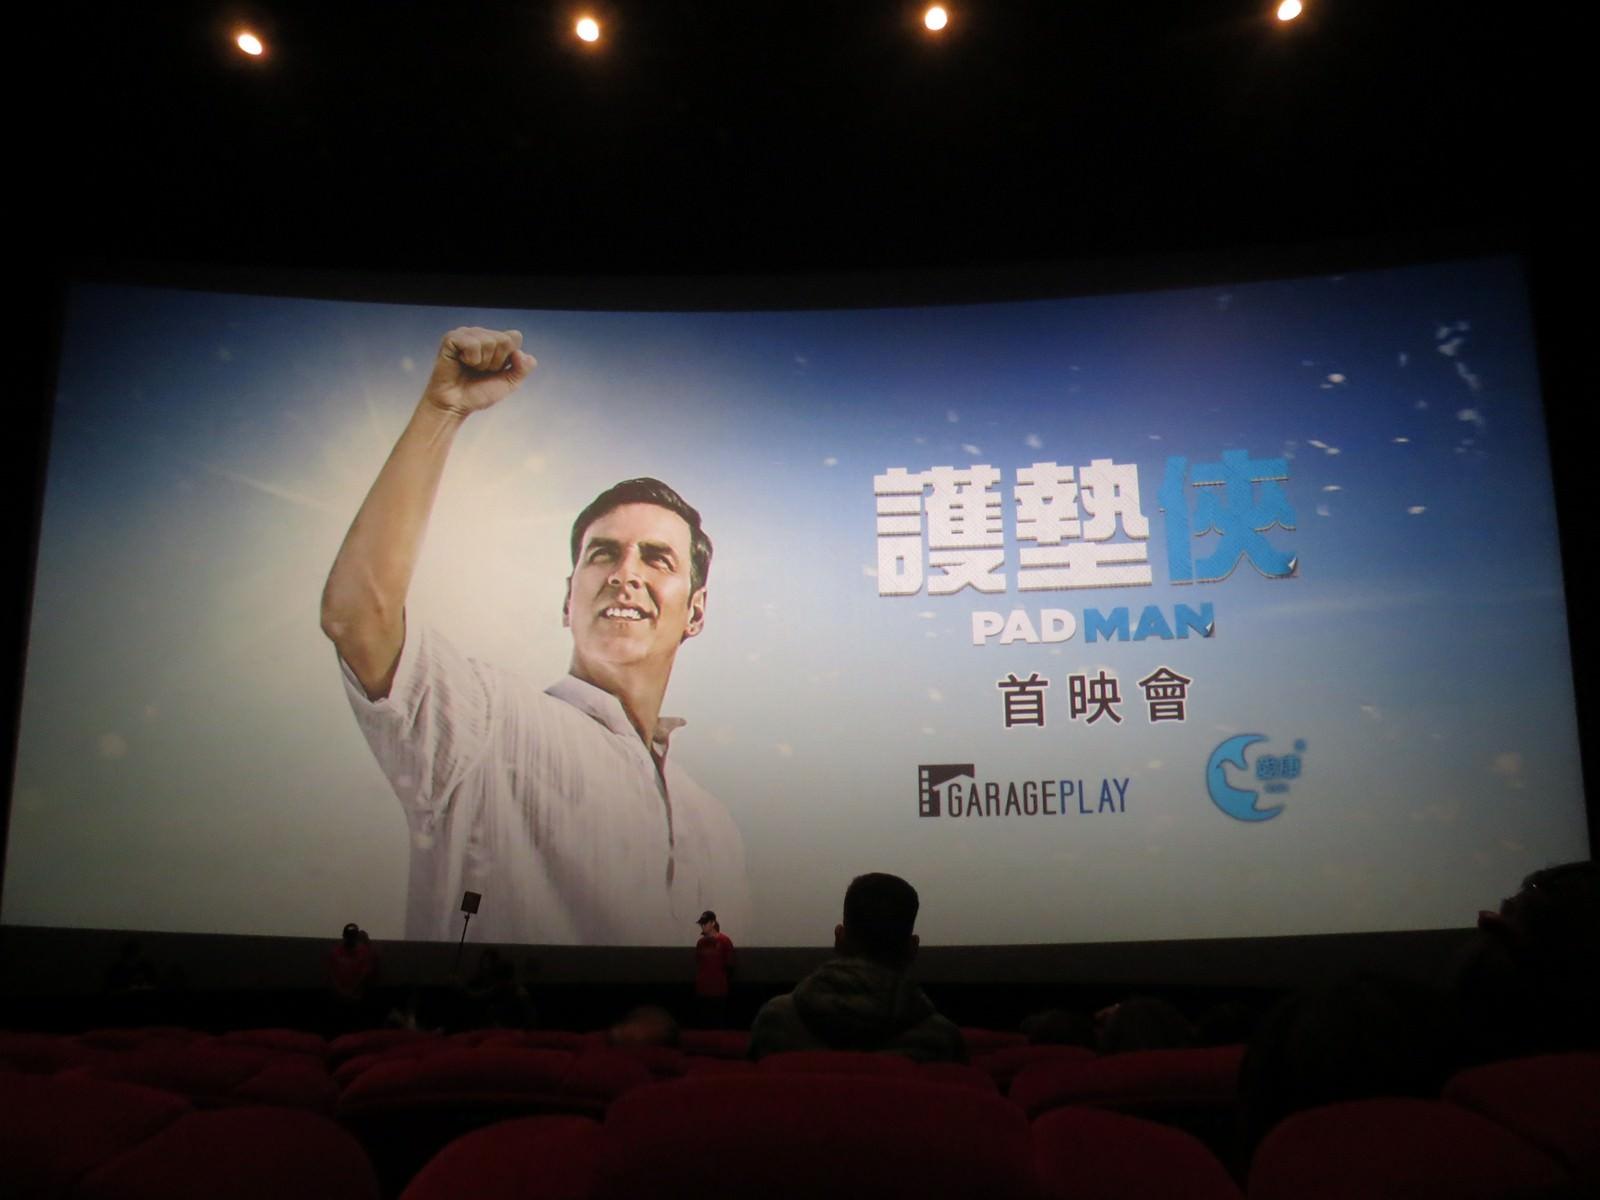 Movie, PadMan(印度, 2018年) / 護墊俠(台灣) / 印度合伙人(中國), 特映會現場